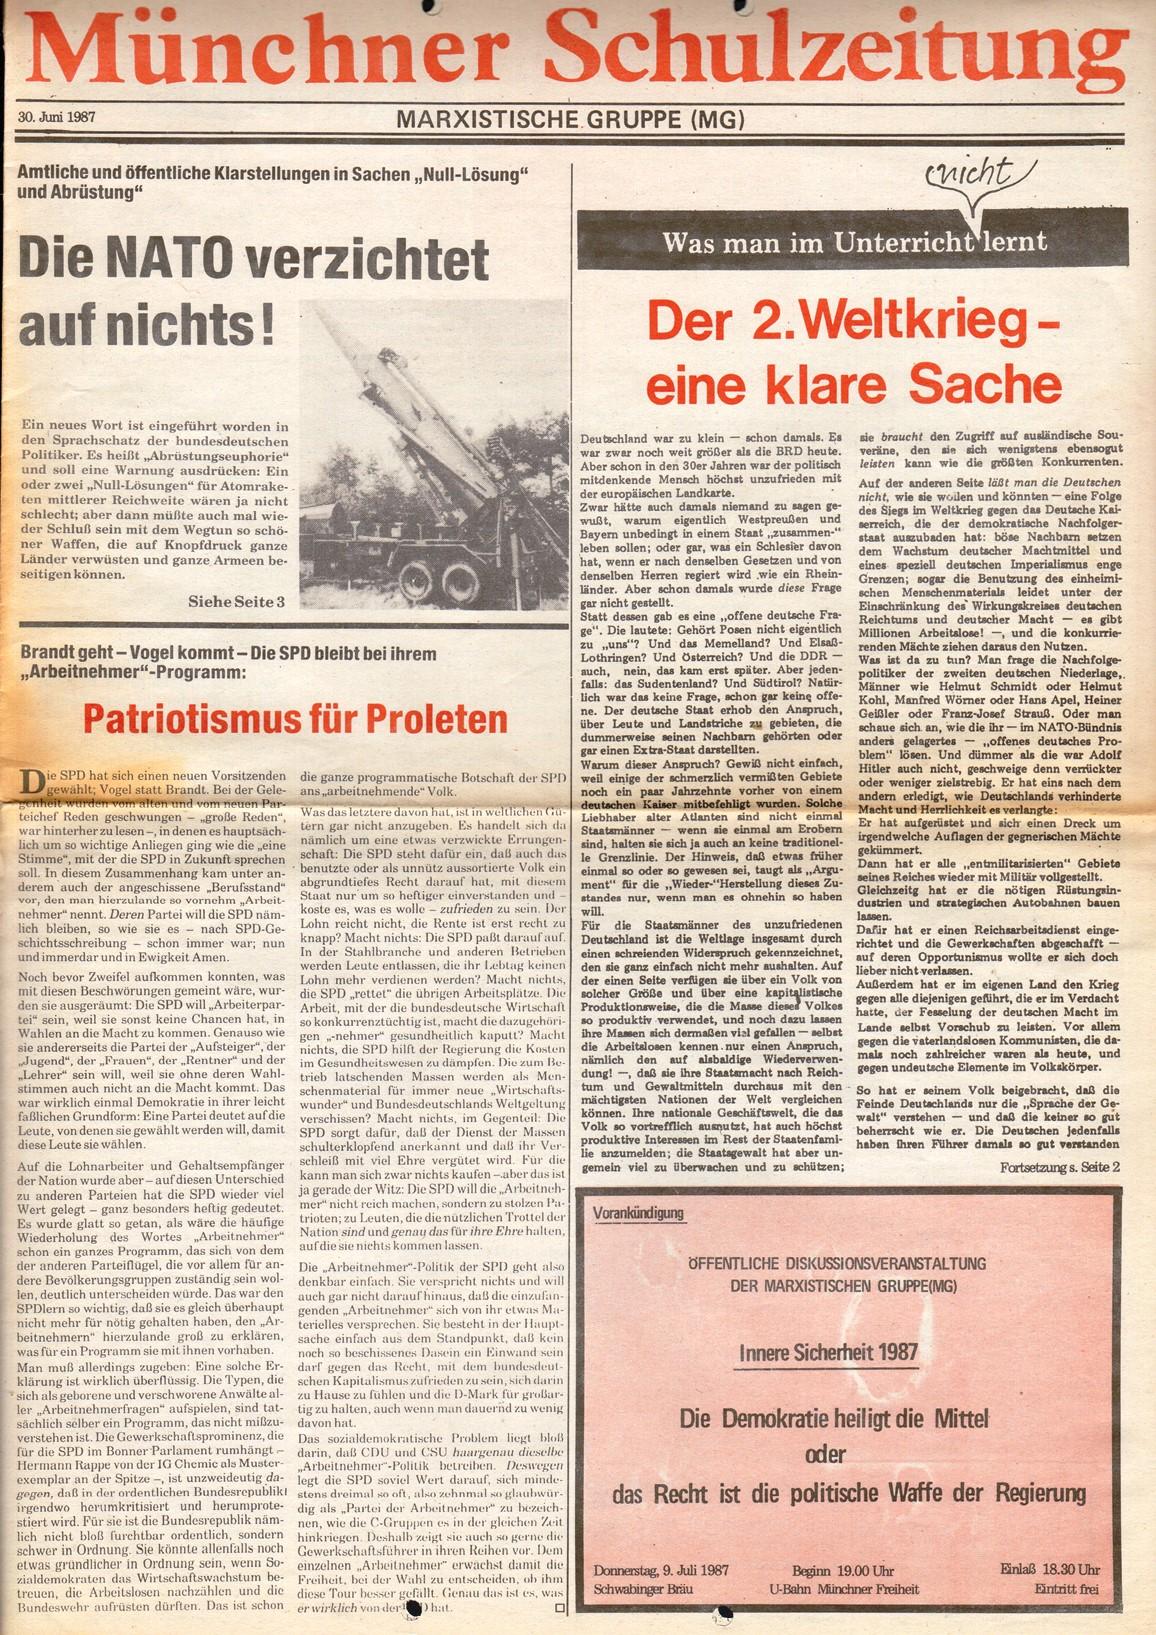 Muenchen_MG_Schulzeitung_19870630_01